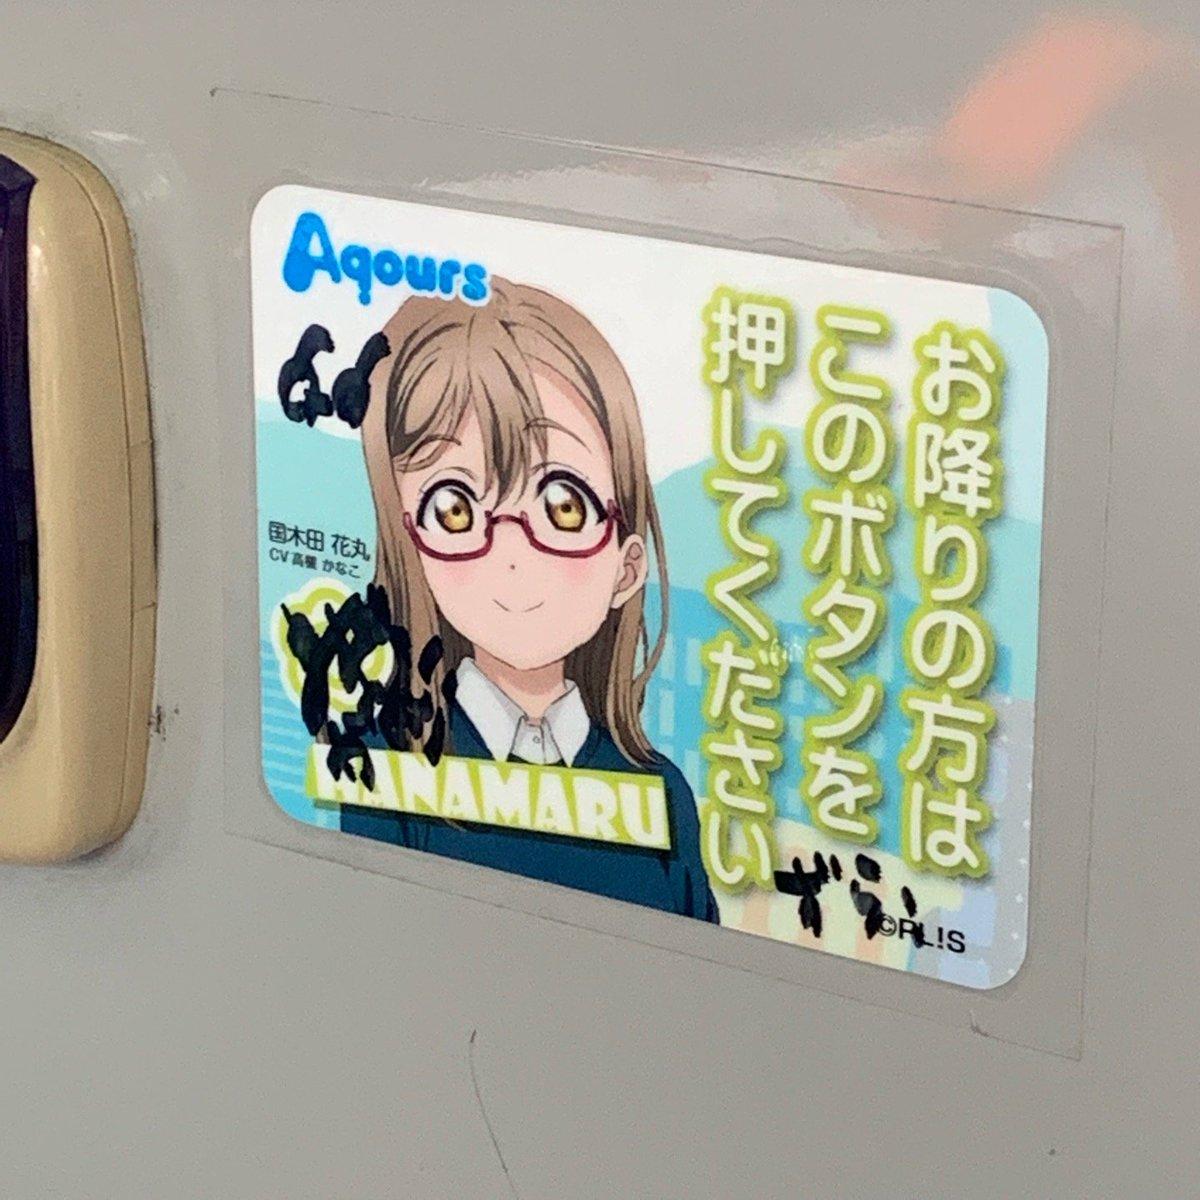 伊豆箱根バス(ラブライブ!サンシャイン!!ラッピングバス)(4)